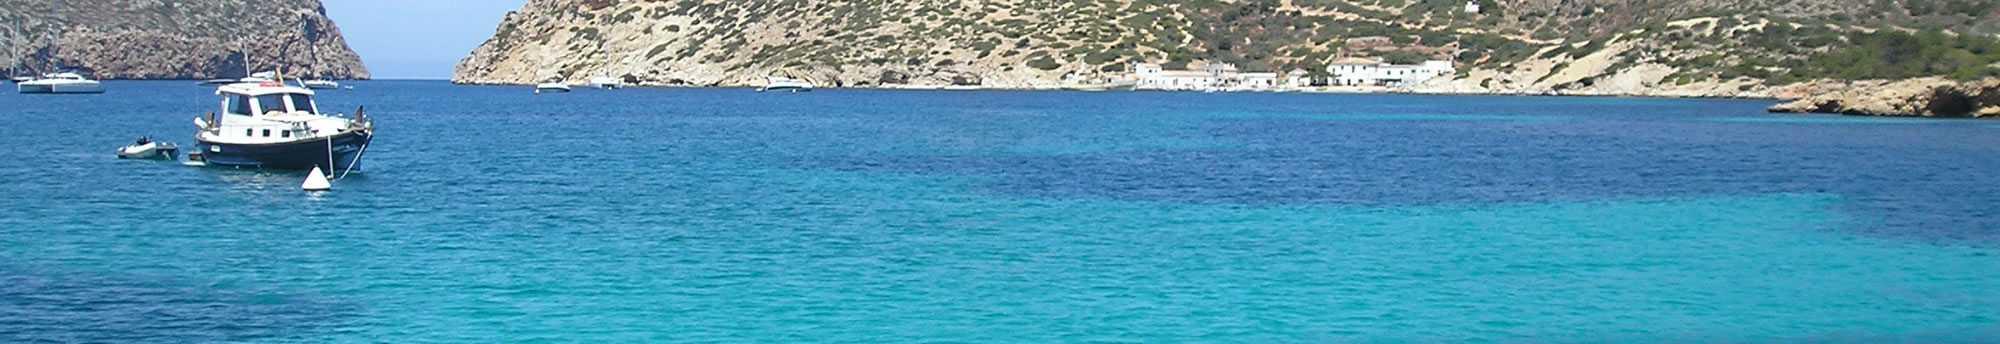 Excursión a la Isla de Cabrera - Mallorca